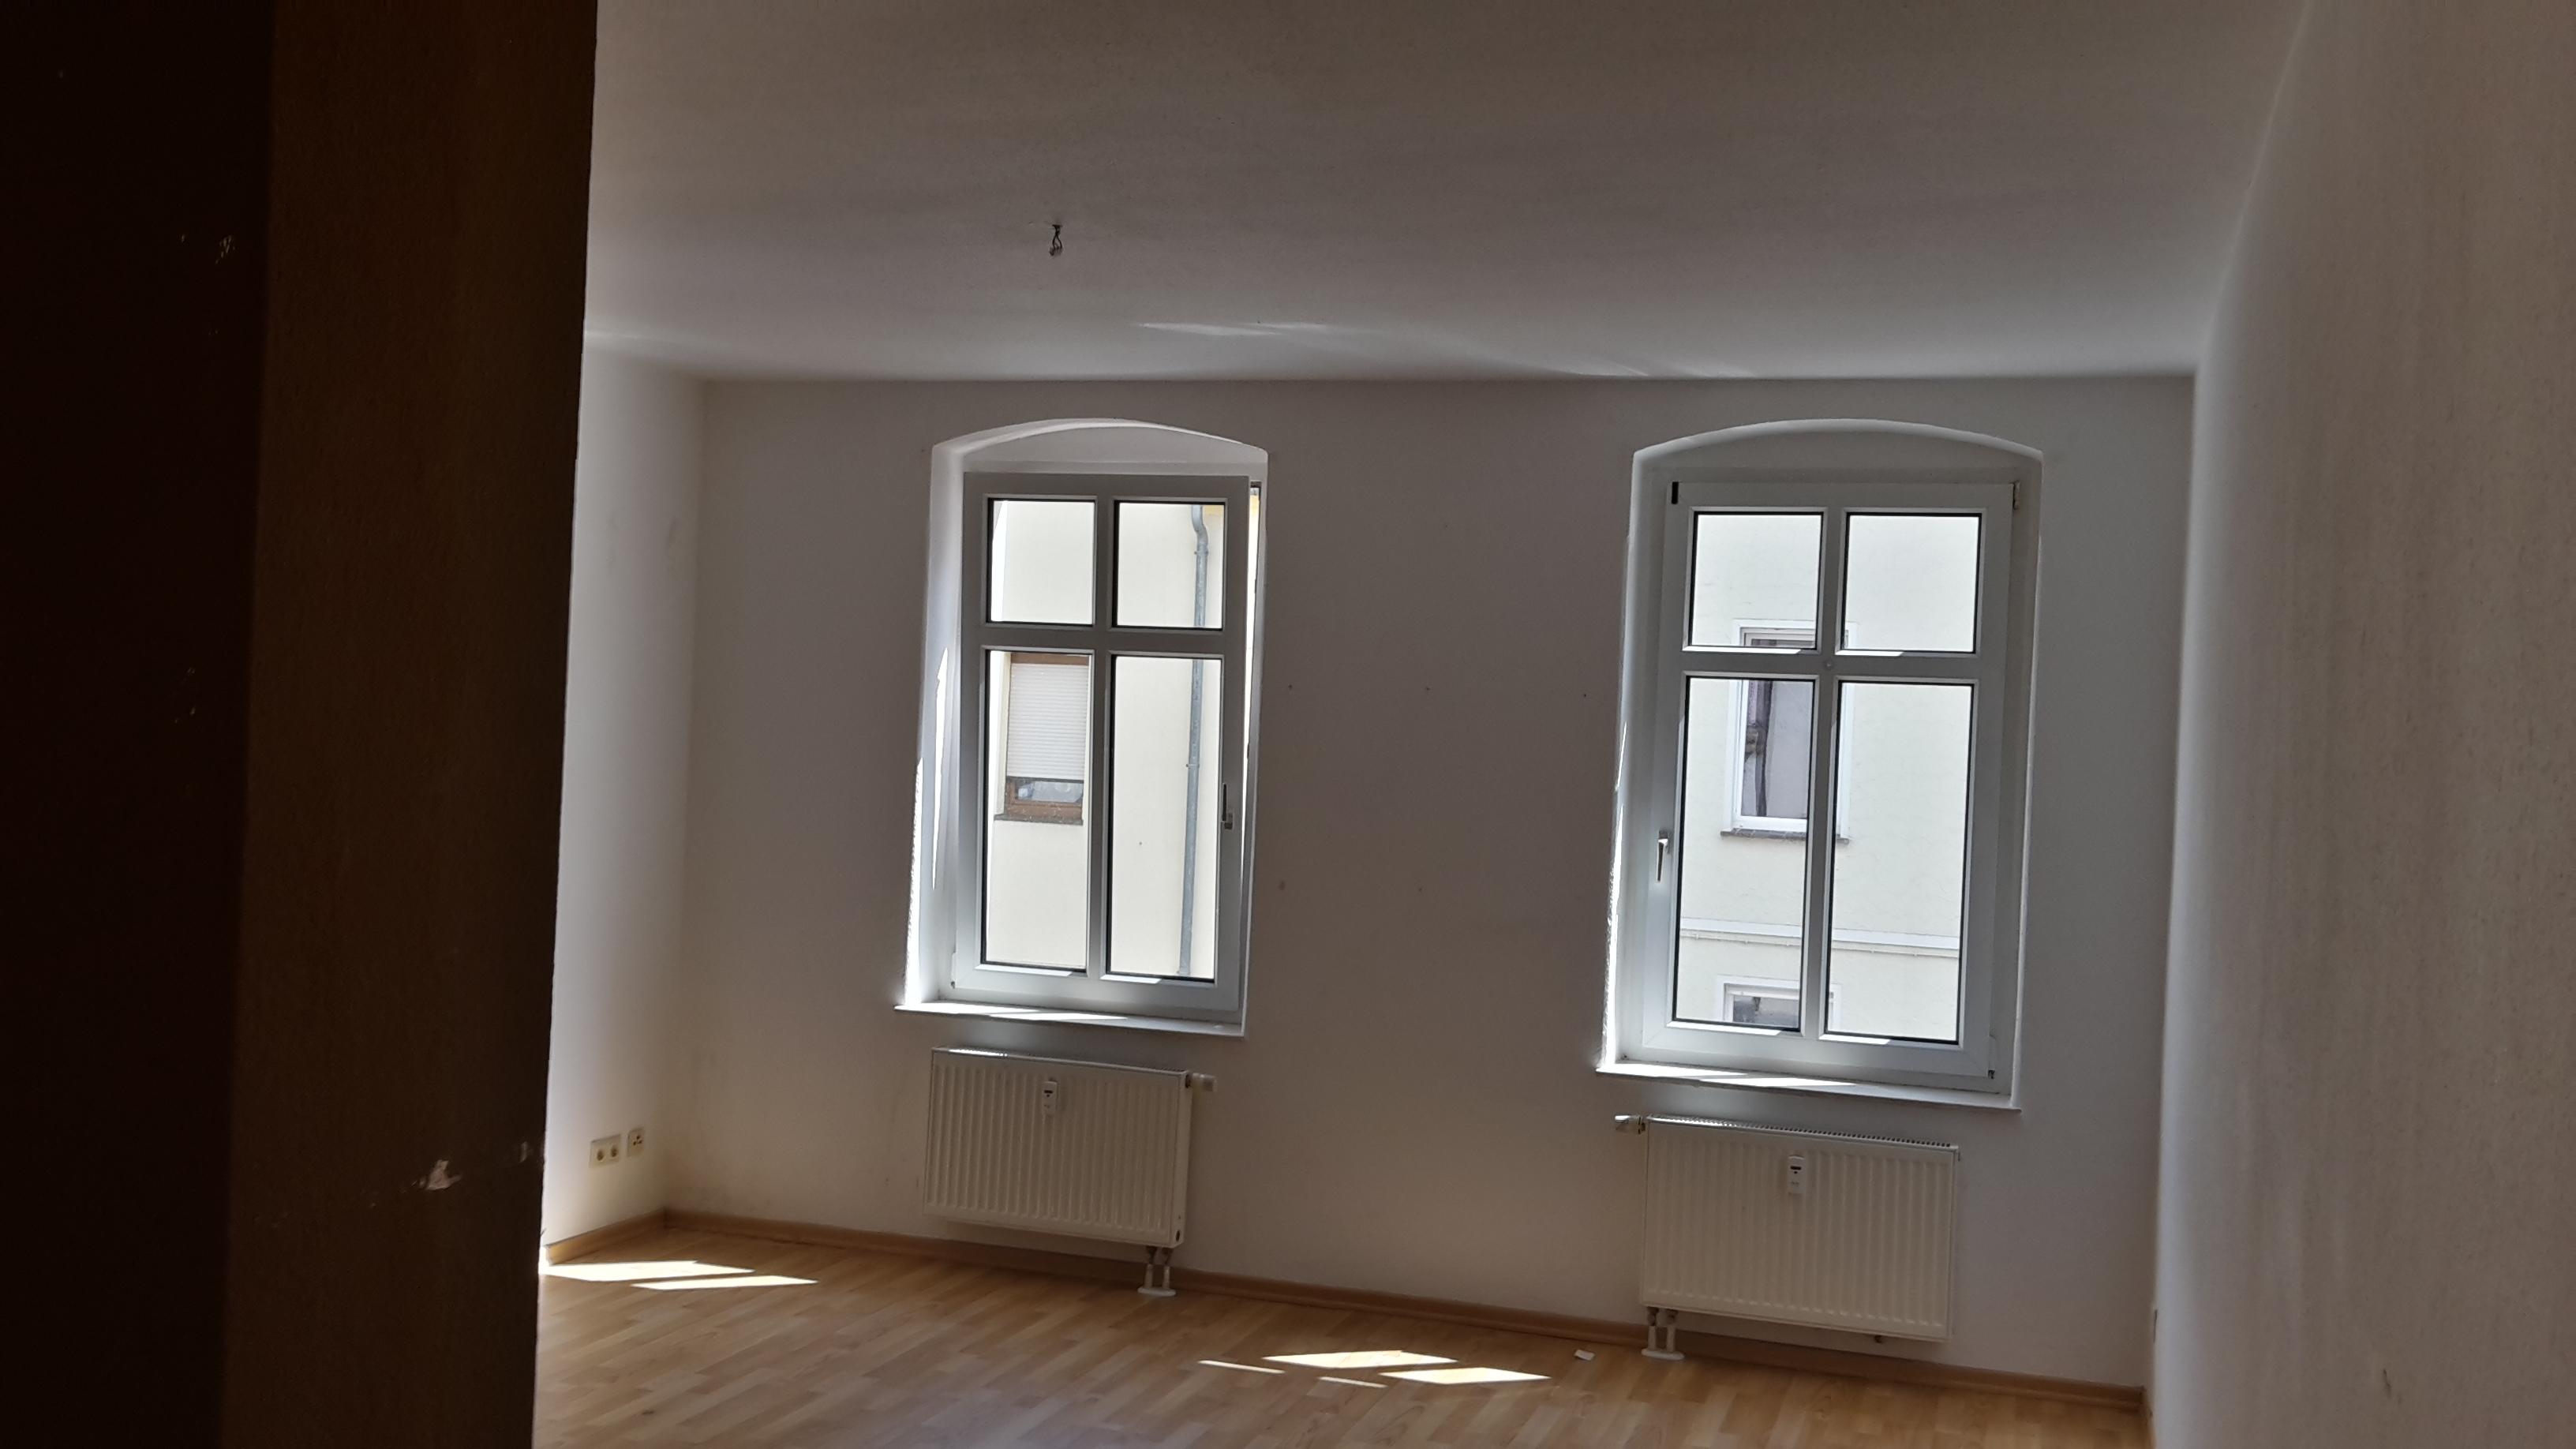 Wohnung Wohnzimmer 2 | 2 Raum Maisonette Wohnung Lindenstrasse 8 07546 Gera Ostviertel